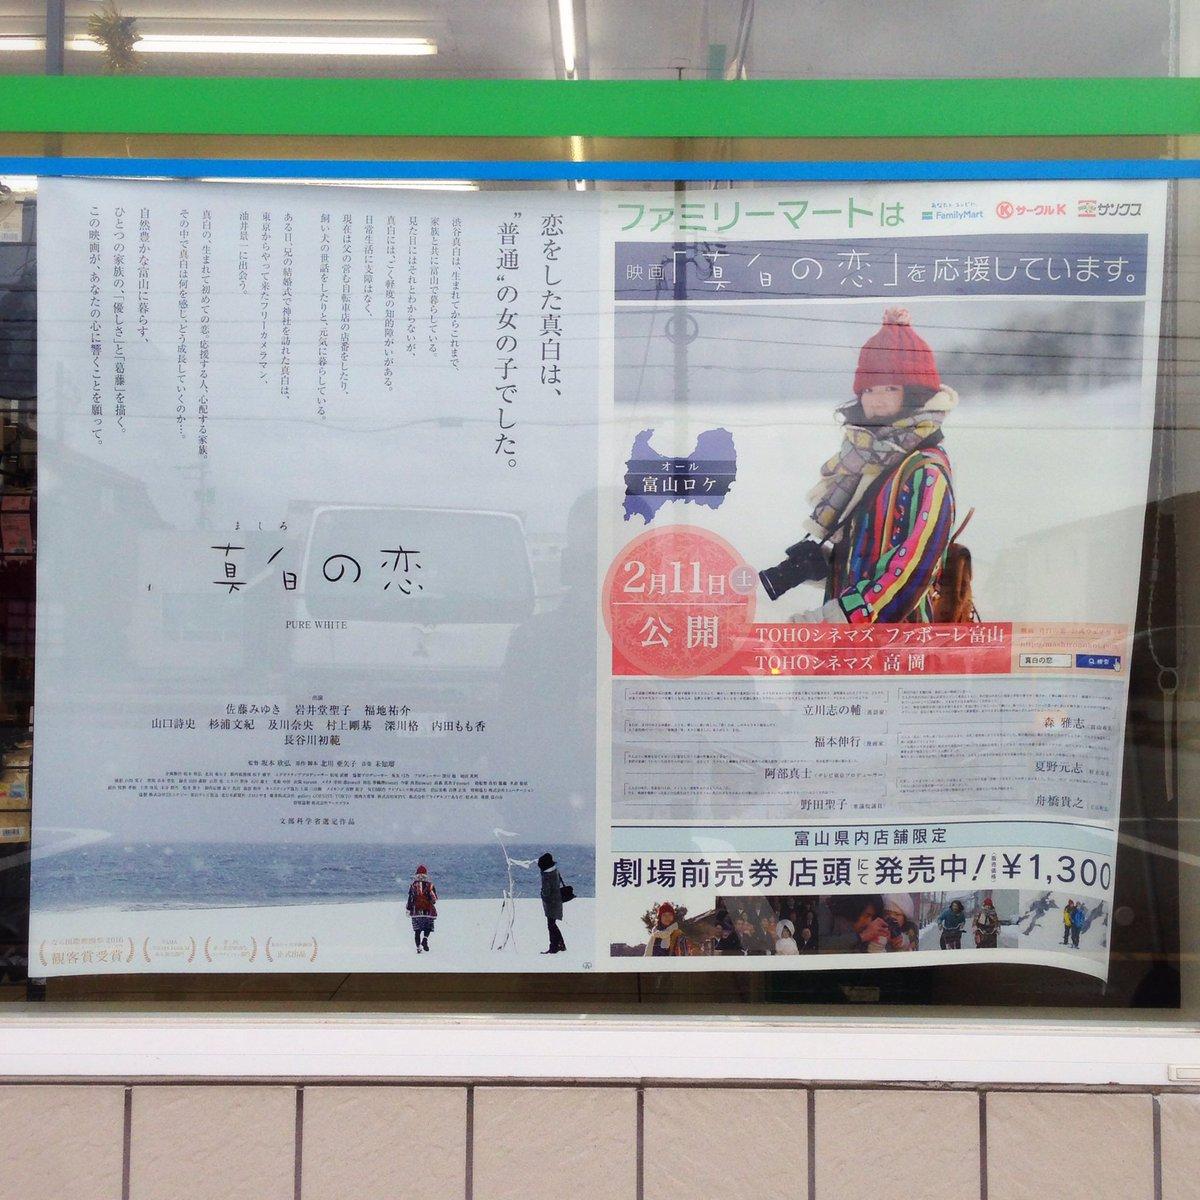 「真白の恋 」ファミマにて前売り券販売中と…今年も富山は話題になる。この映画、試写会観たけど本当に良いです。 https://t.co/wdYpawRNtV